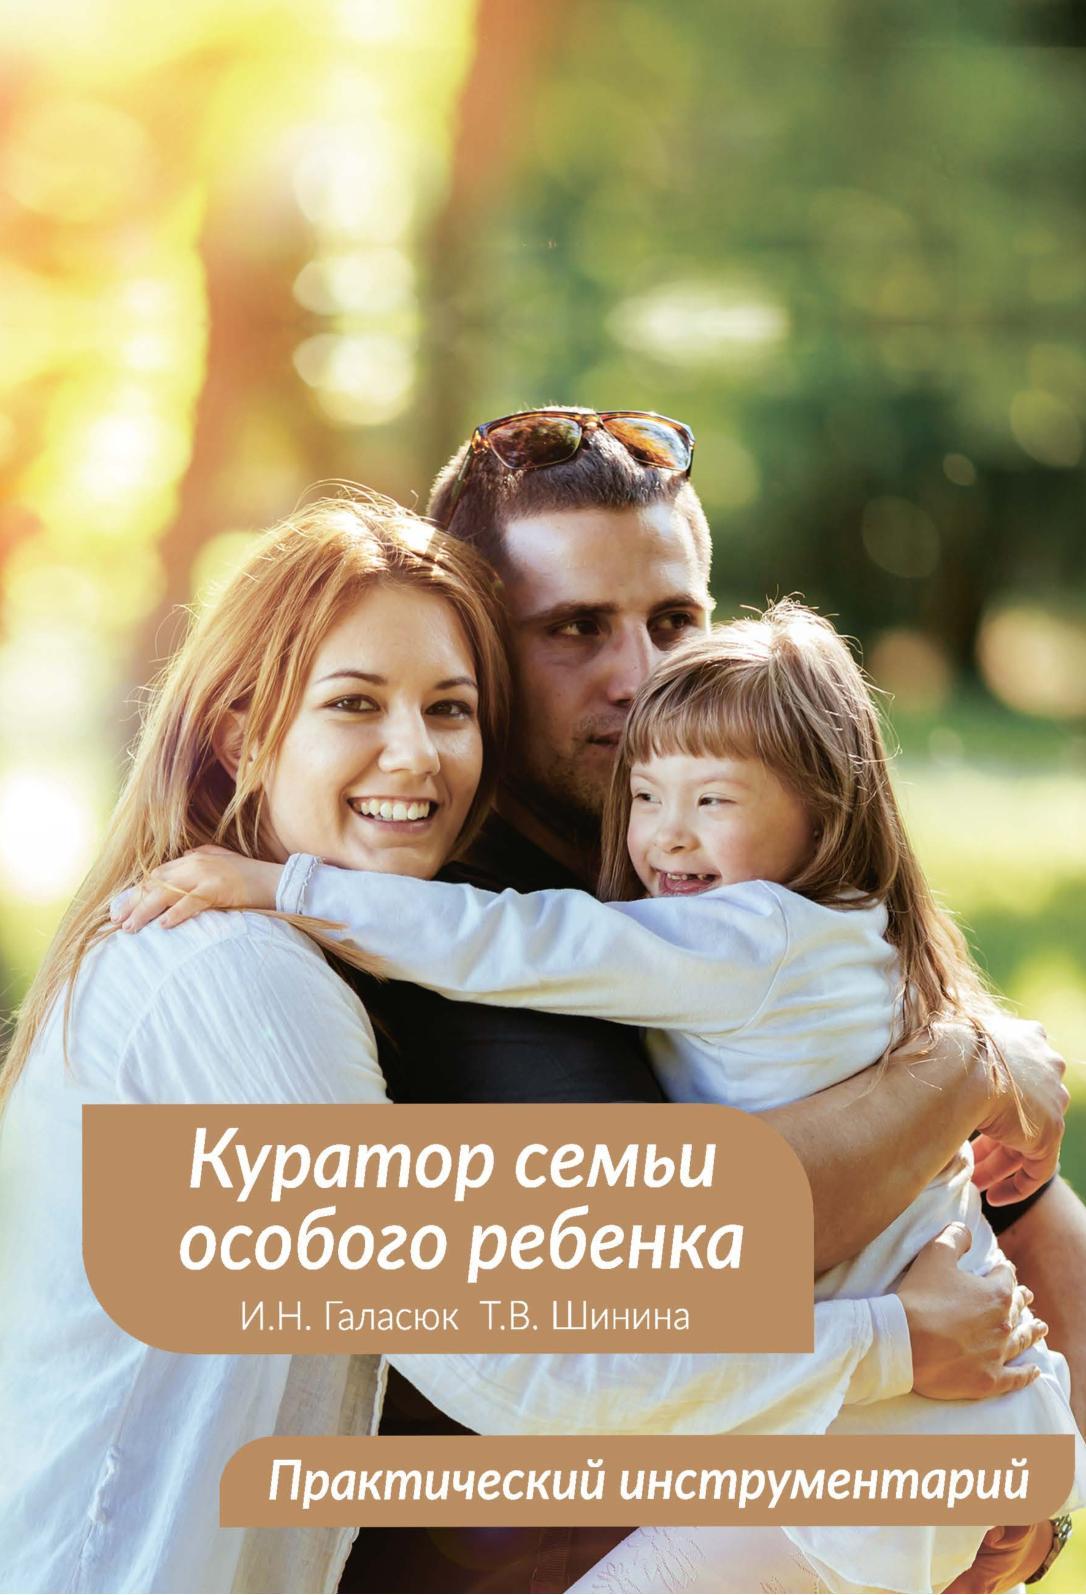 Как привлечь мужа к уходу за ребенком 7 способов мотивировать молодого отца